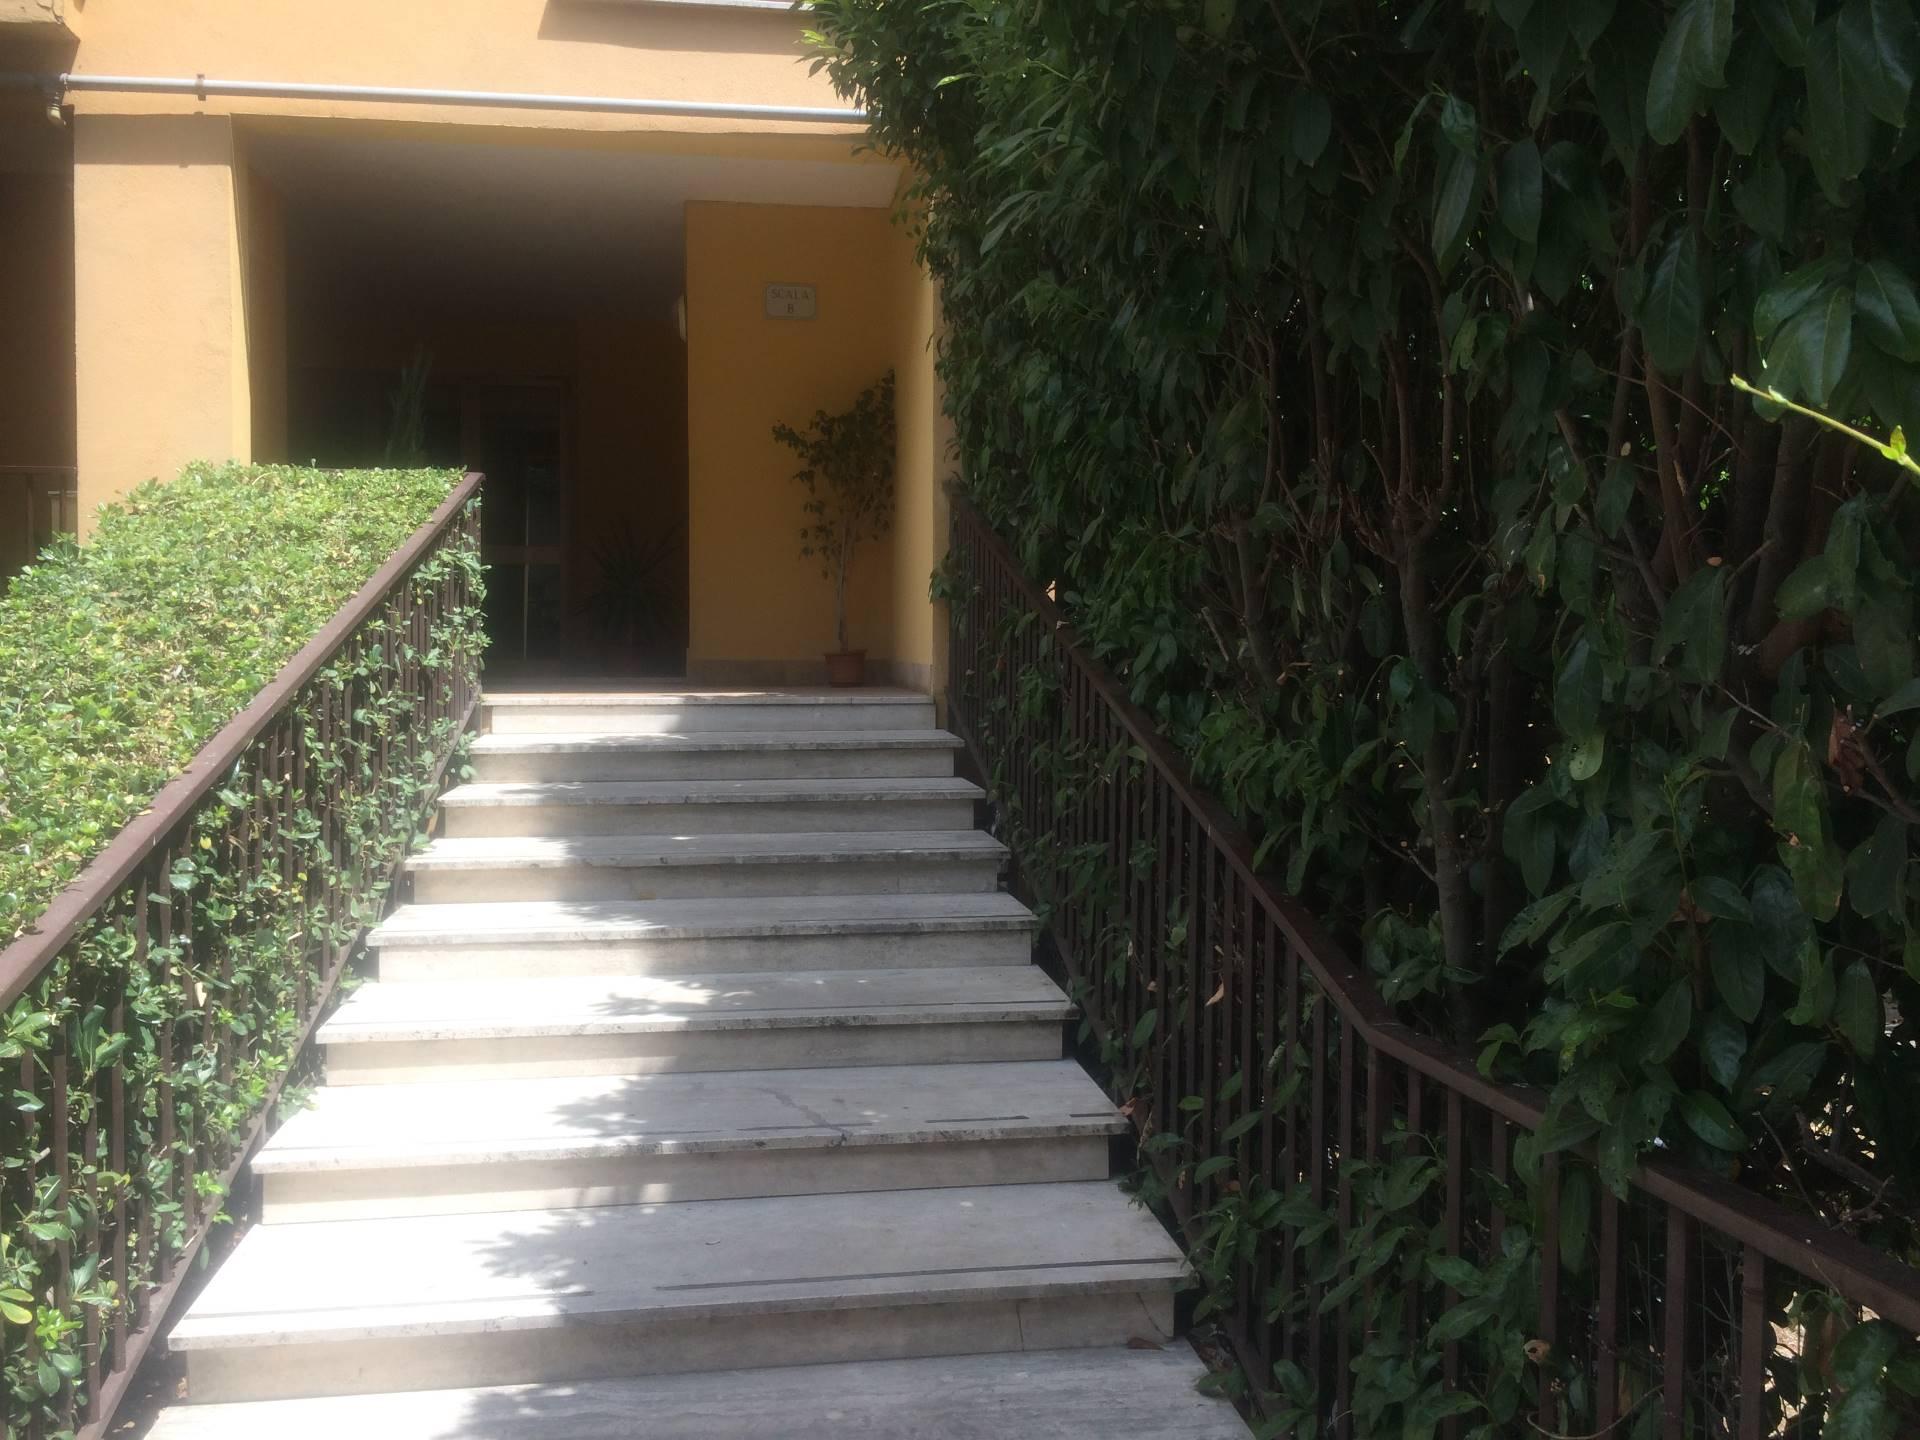 Appartamento in vendita a Guidonia Montecelio, 3 locali, zona Località: ColleFiorito, prezzo € 158.000 | PortaleAgenzieImmobiliari.it